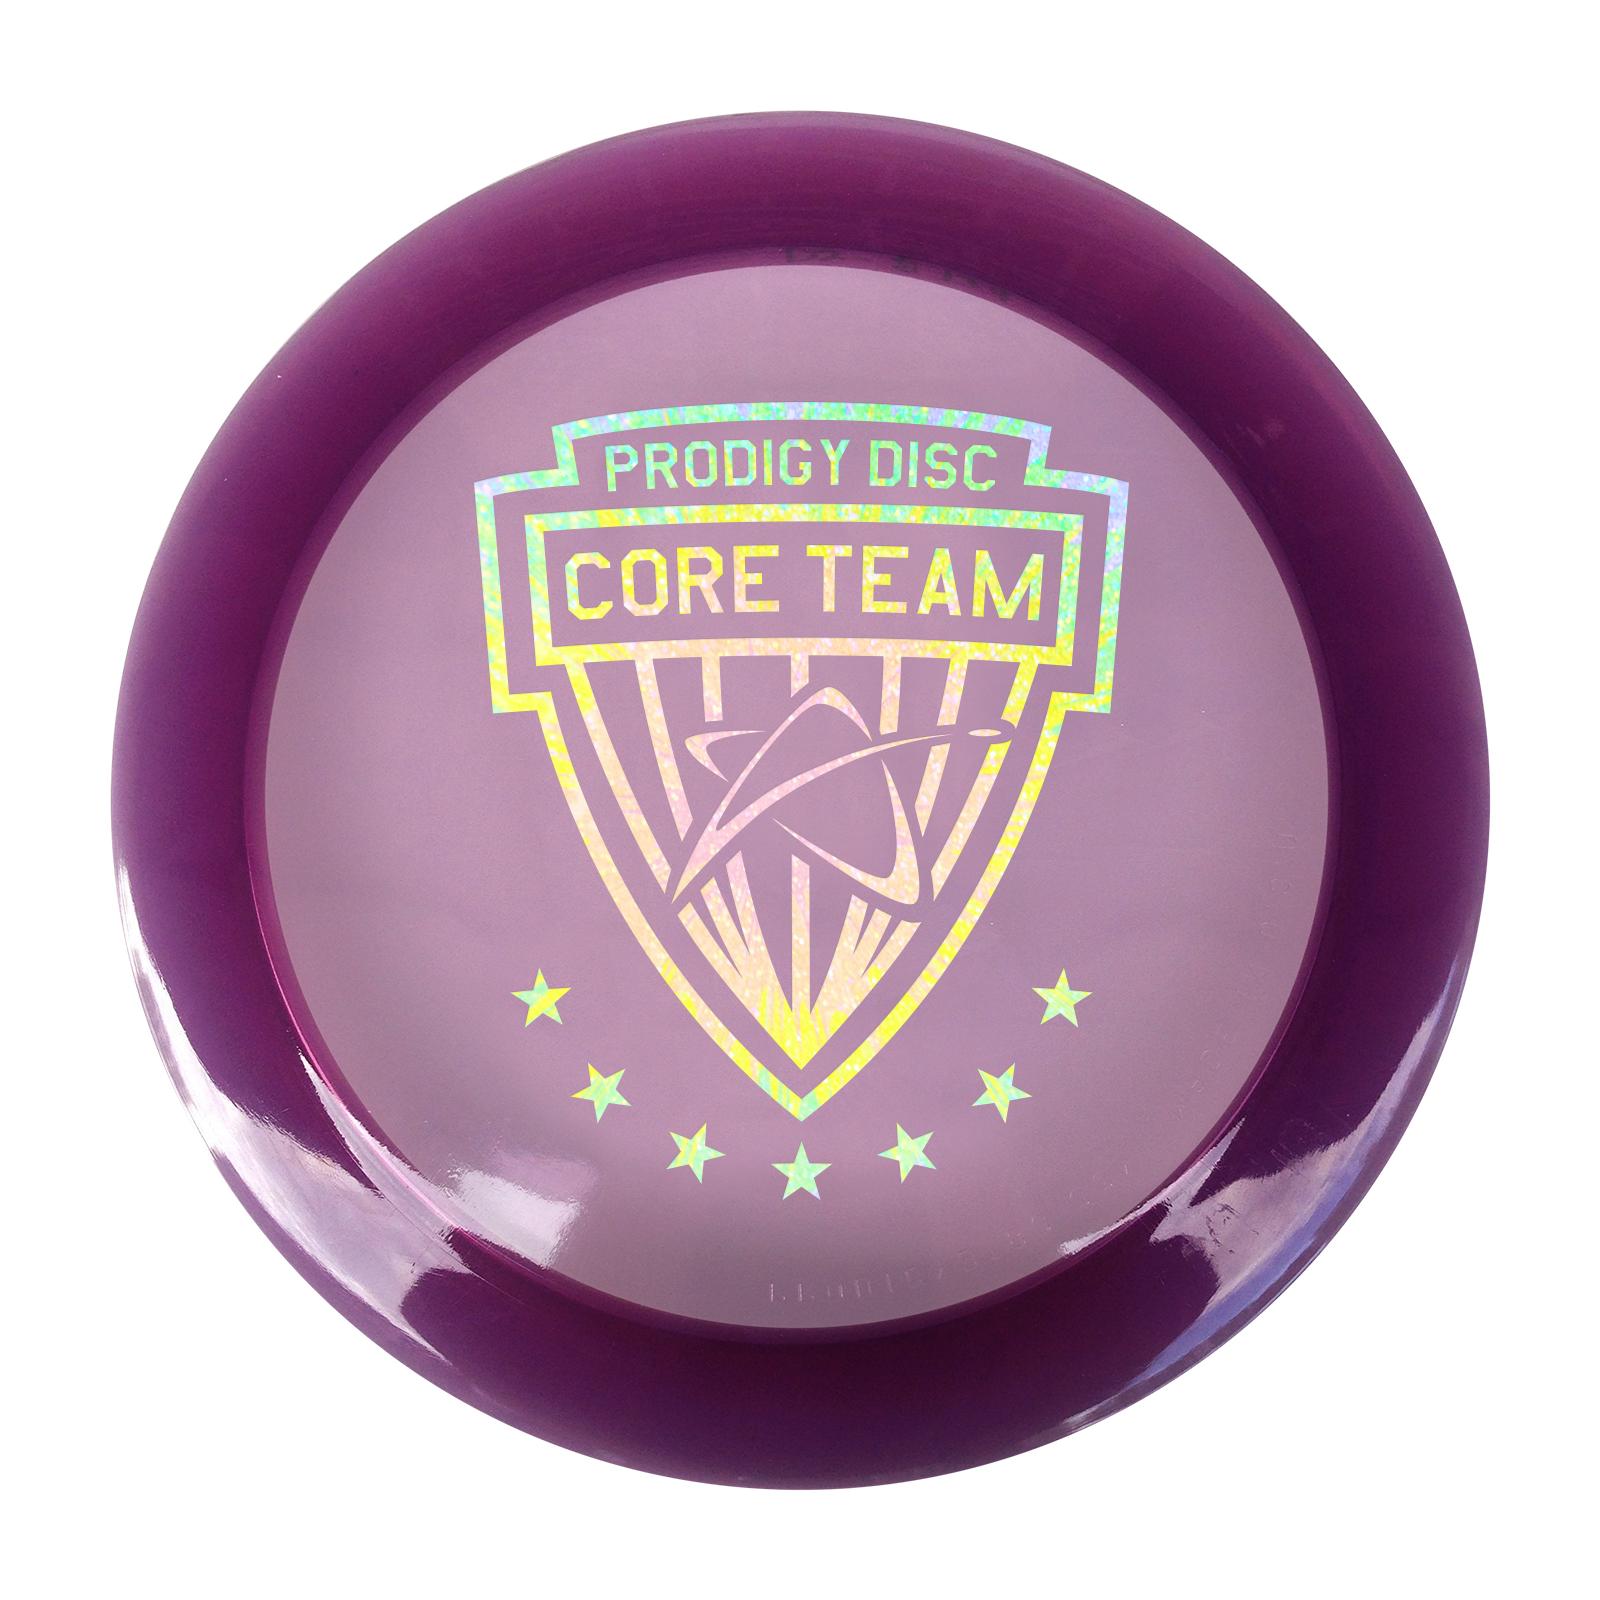 Core_Team_D2_Tie_Dye_Stamp.jpg